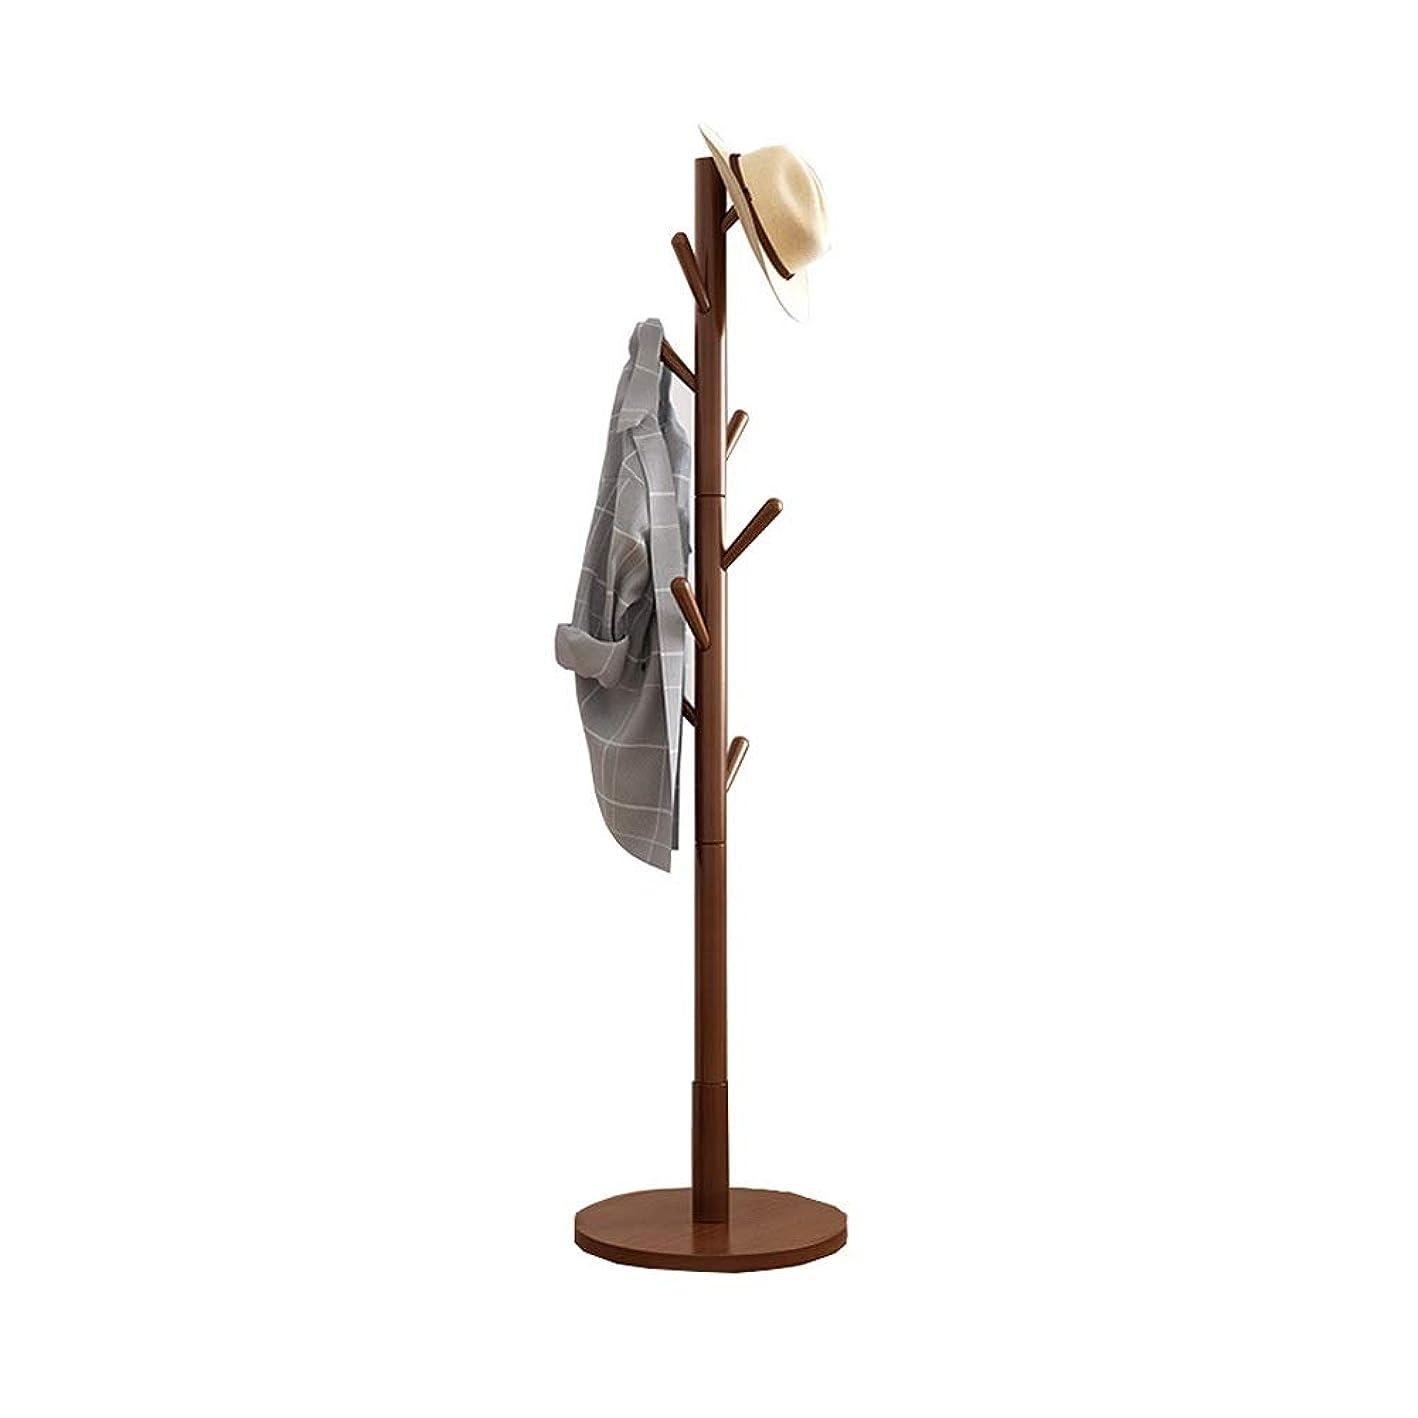 高齢者麻酔薬十分ではないコートラック NEVY コートはウッドツリー服ハンガー、床立ち帽子とコートコートラックラウンドシャーシと8つのフックスタンド、簡易インストールするには(3色) (Color : Brown)